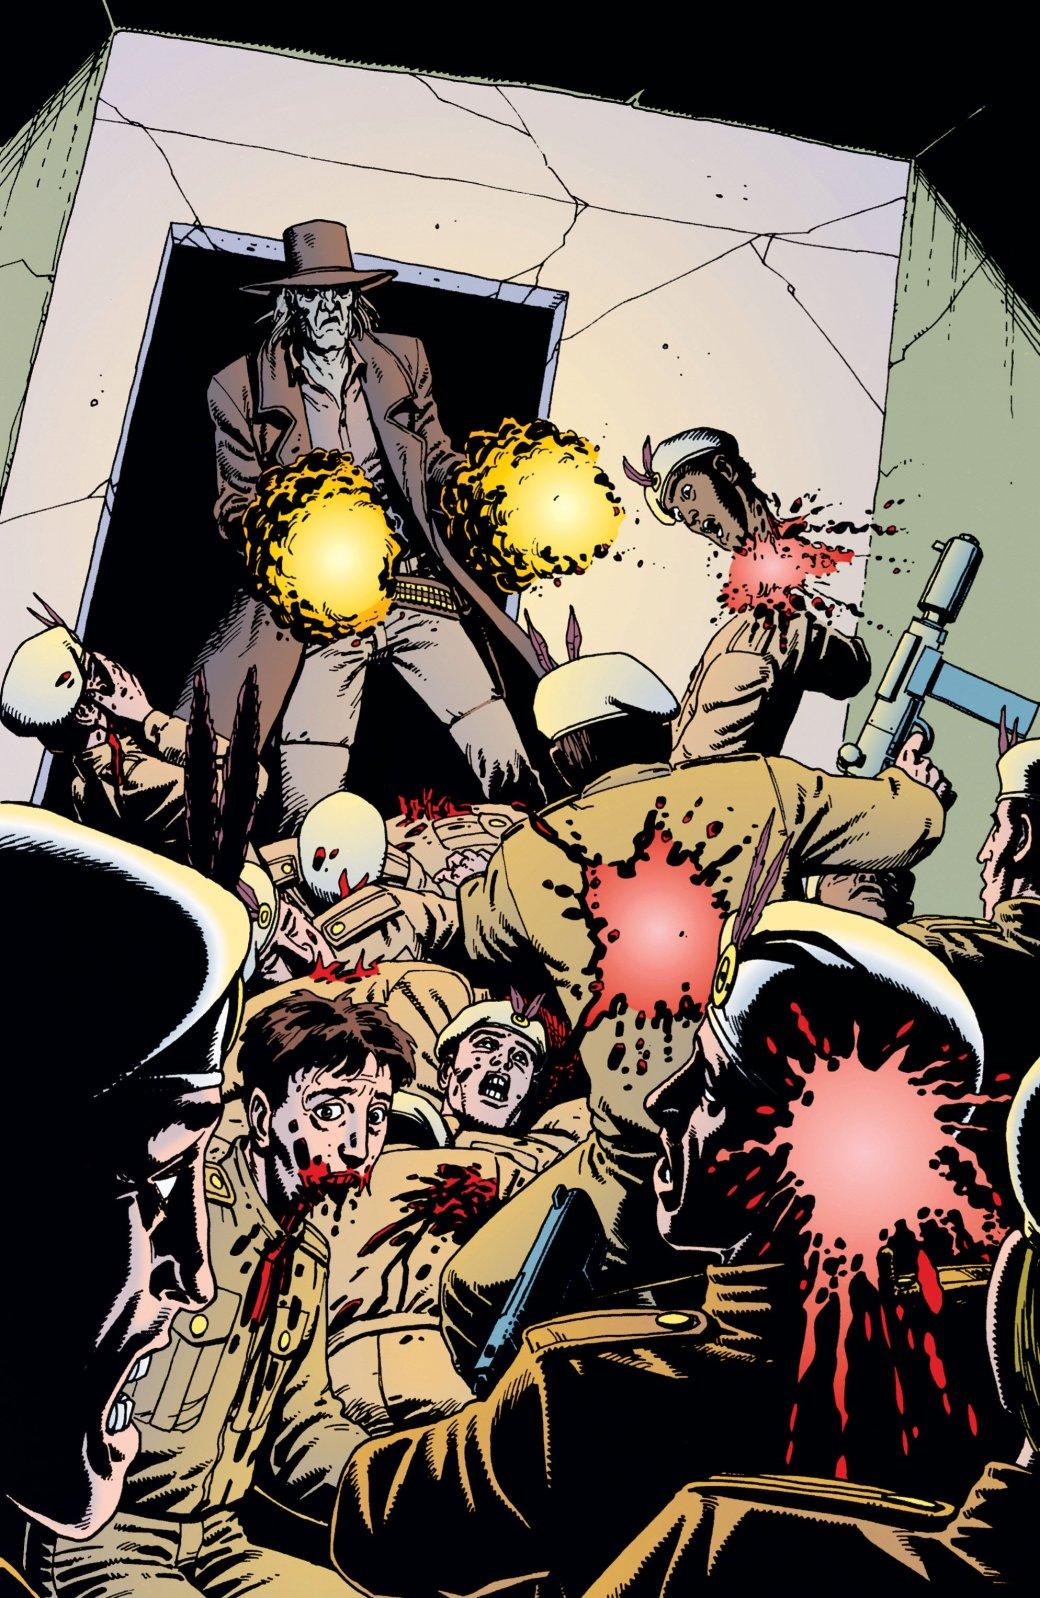 Самые жестокие иотвратительные сцены изкомикса Preacher («Проповедник») - Изображение 15